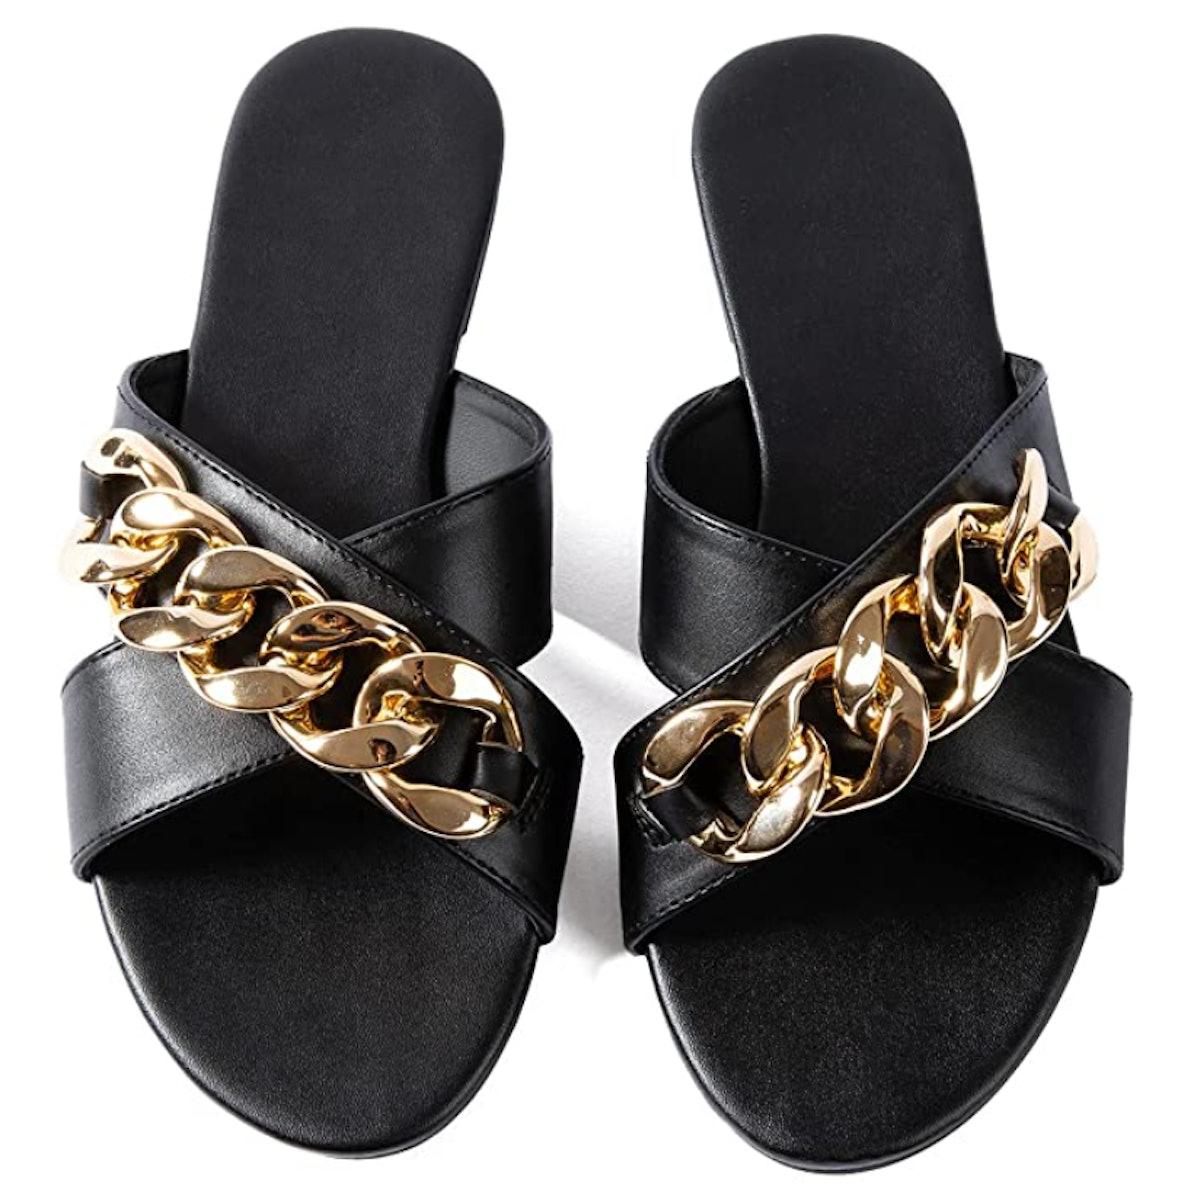 Mtzyoa Flat Sandals